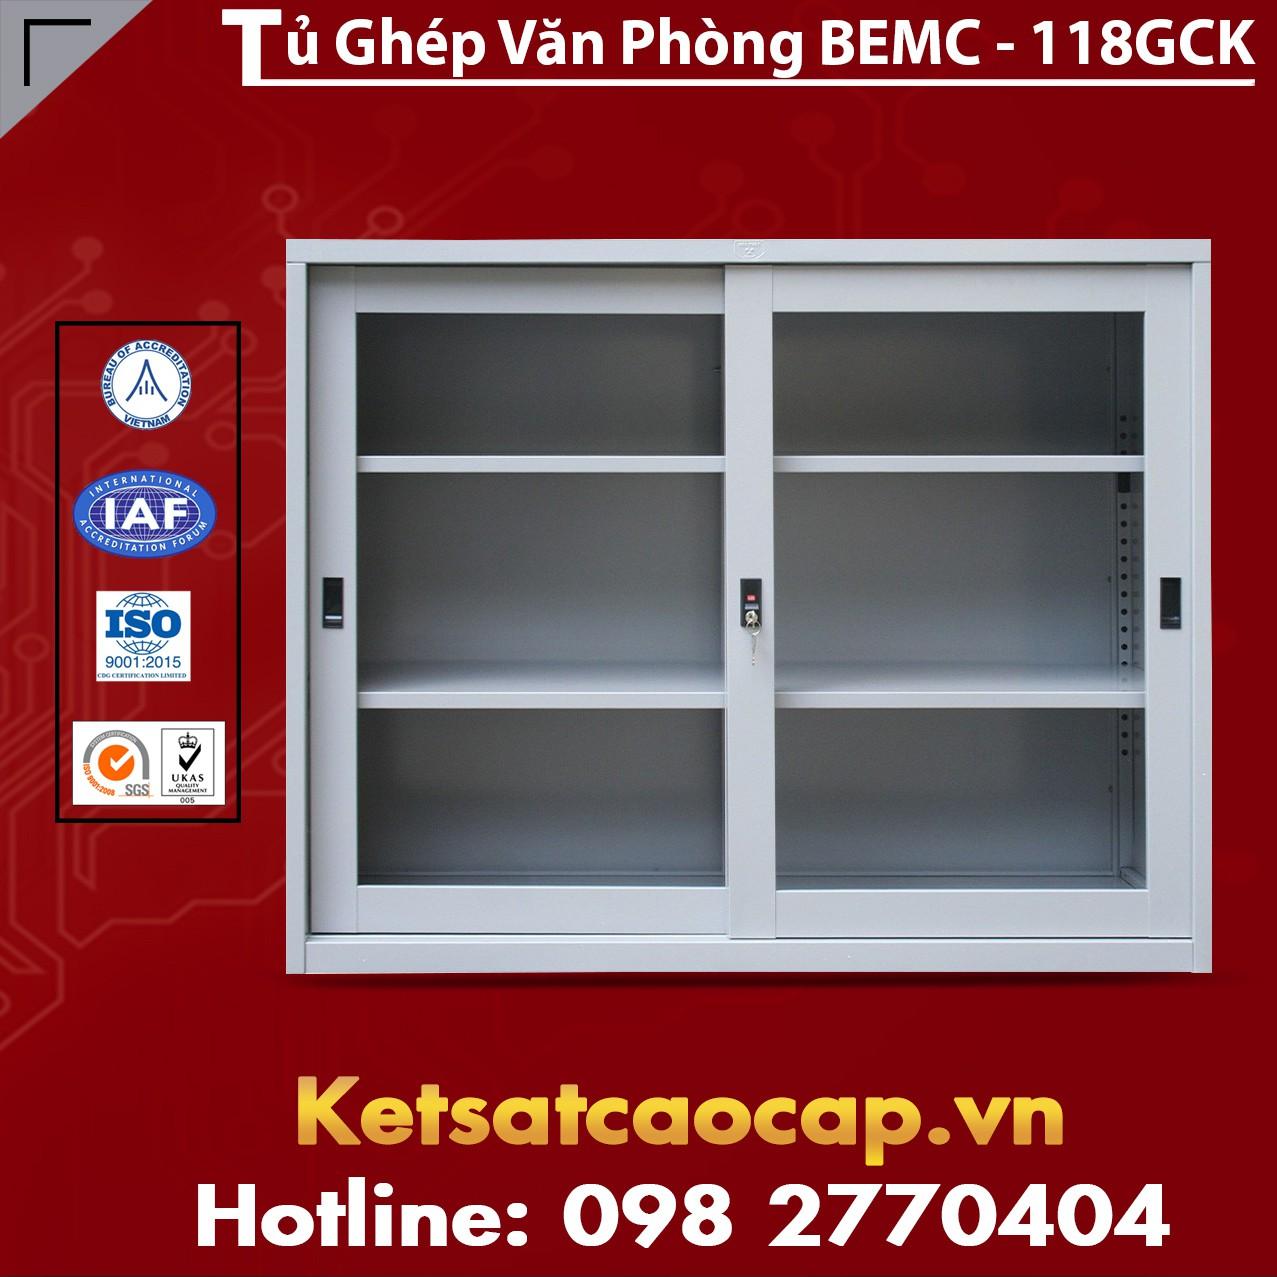 Tủ Ghép Văn Phòng BEMC-118GCK